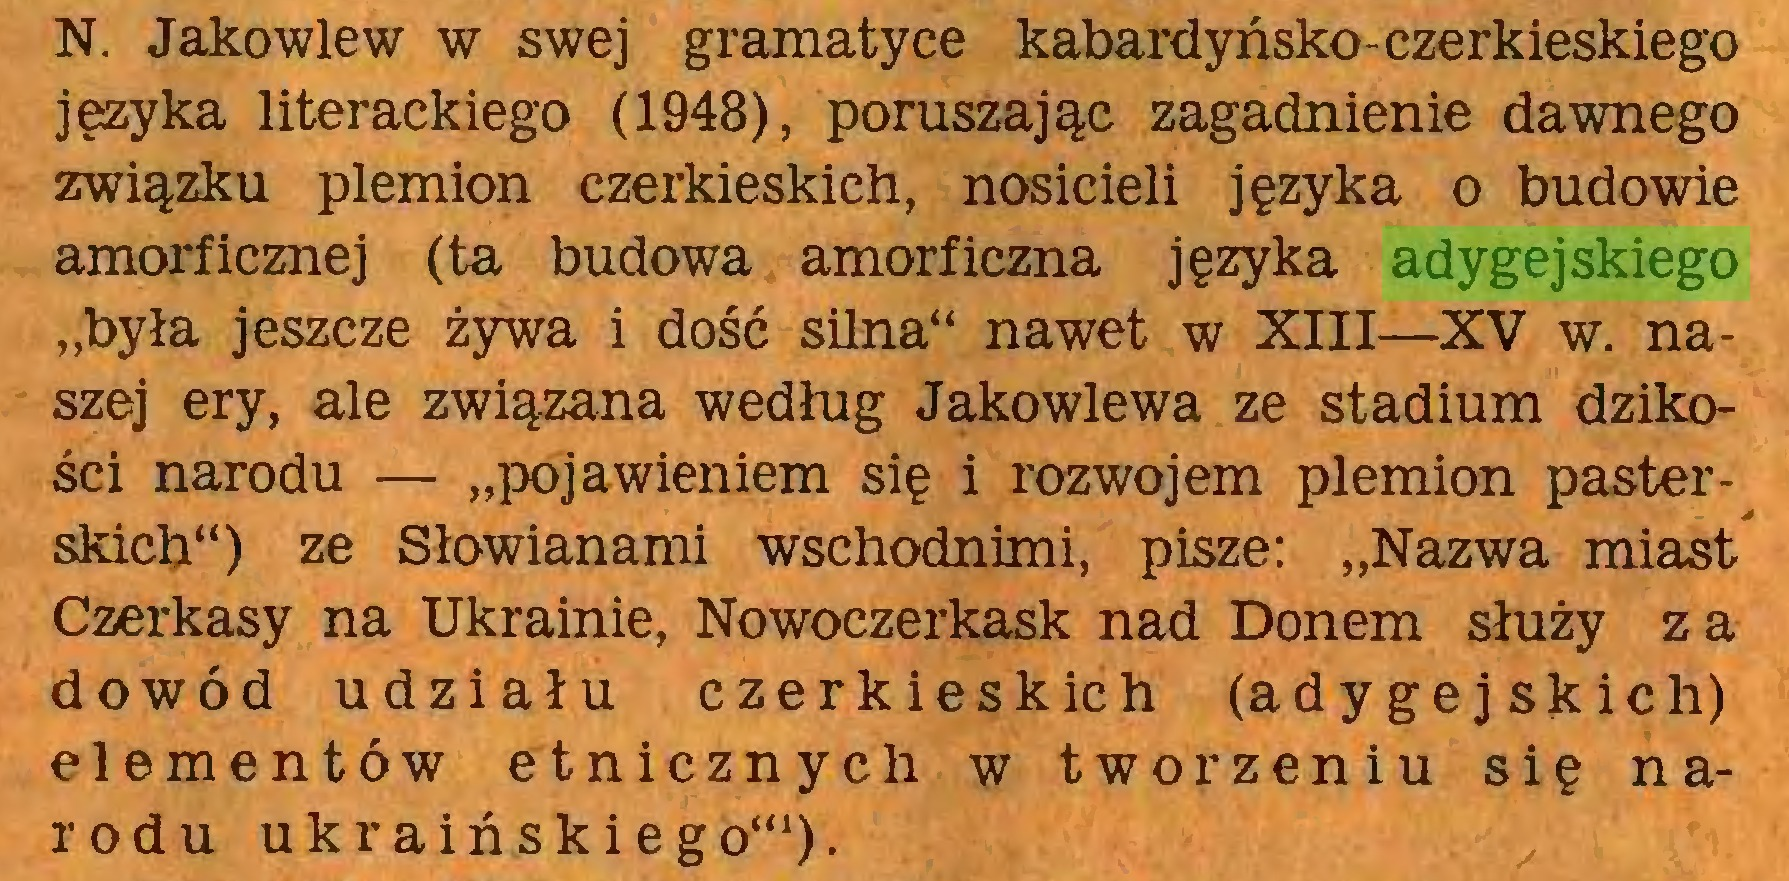 """(...) N. Jakowlew w swej gramatyce kabardyńsko-czerkieskiego języka literackiego (1948), poruszając zagadnienie dawnego związku plemion czerkieskich, nosicieli języka o budowie amorficznej (ta budowa amorficzna języka adygejskiego """"była jeszcze żywa i dość silna"""" nawet w XIII—XV w. naszej ery, ale związana według Jakowlewa ze stadium dzikości narodu — """"pojawieniem się i rozwojem plemion pasterskich"""") ze Słowianami wschodnimi, pisze: """"Nazwa miast Czerkasy na Ukrainie, Nowoczerkask nad Donem służy za dowód udziału czerkieskich (adygejskich) elementów etnicznych w tworzeniu się narodu ukraińskiego""""1)..."""